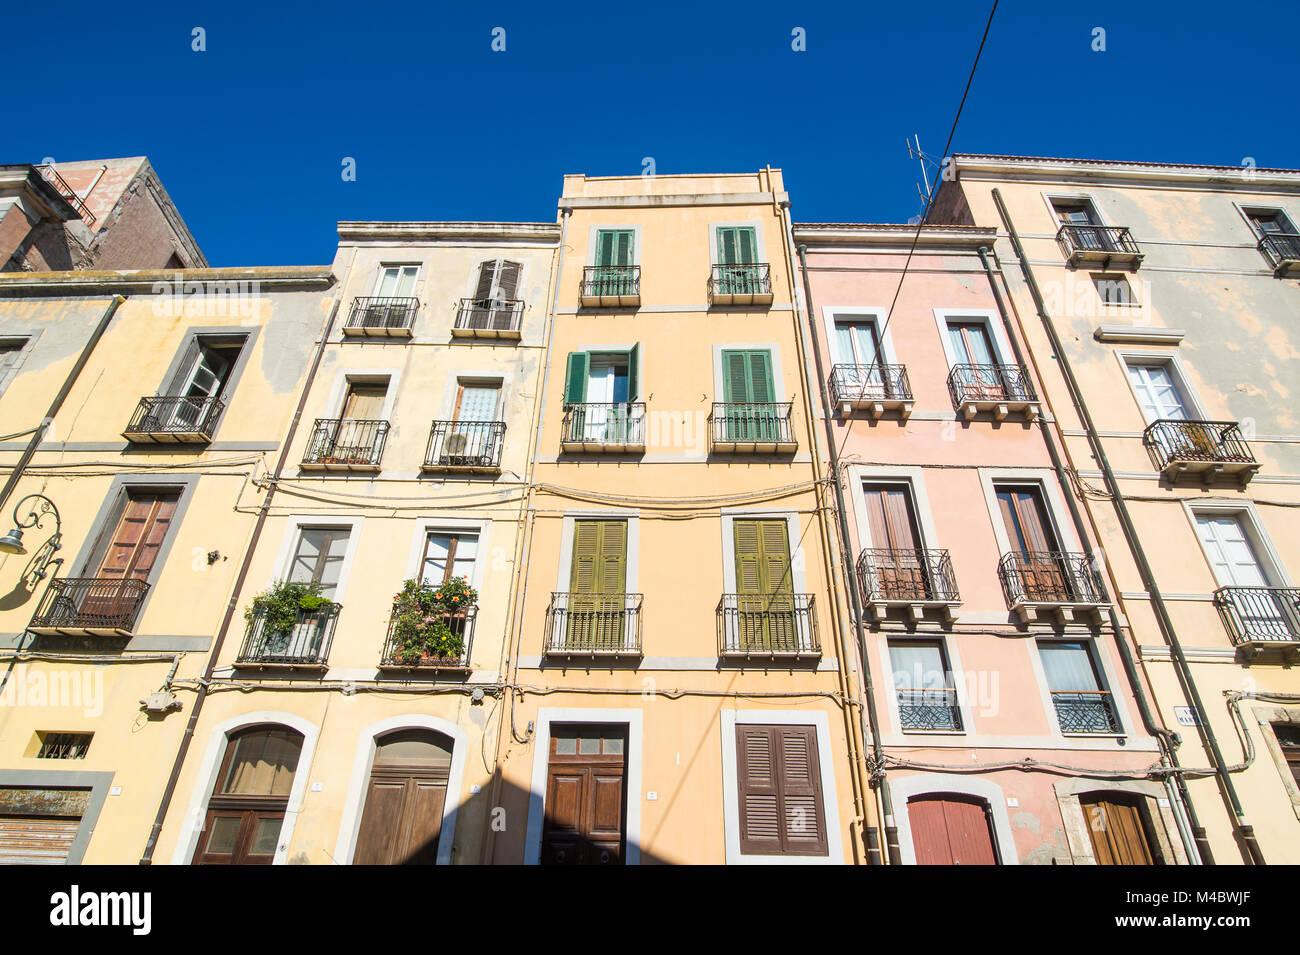 Casas antiguas en el casco antiguo de la ciudad de Cagliari, Cerdeña, Italia Imagen De Stock